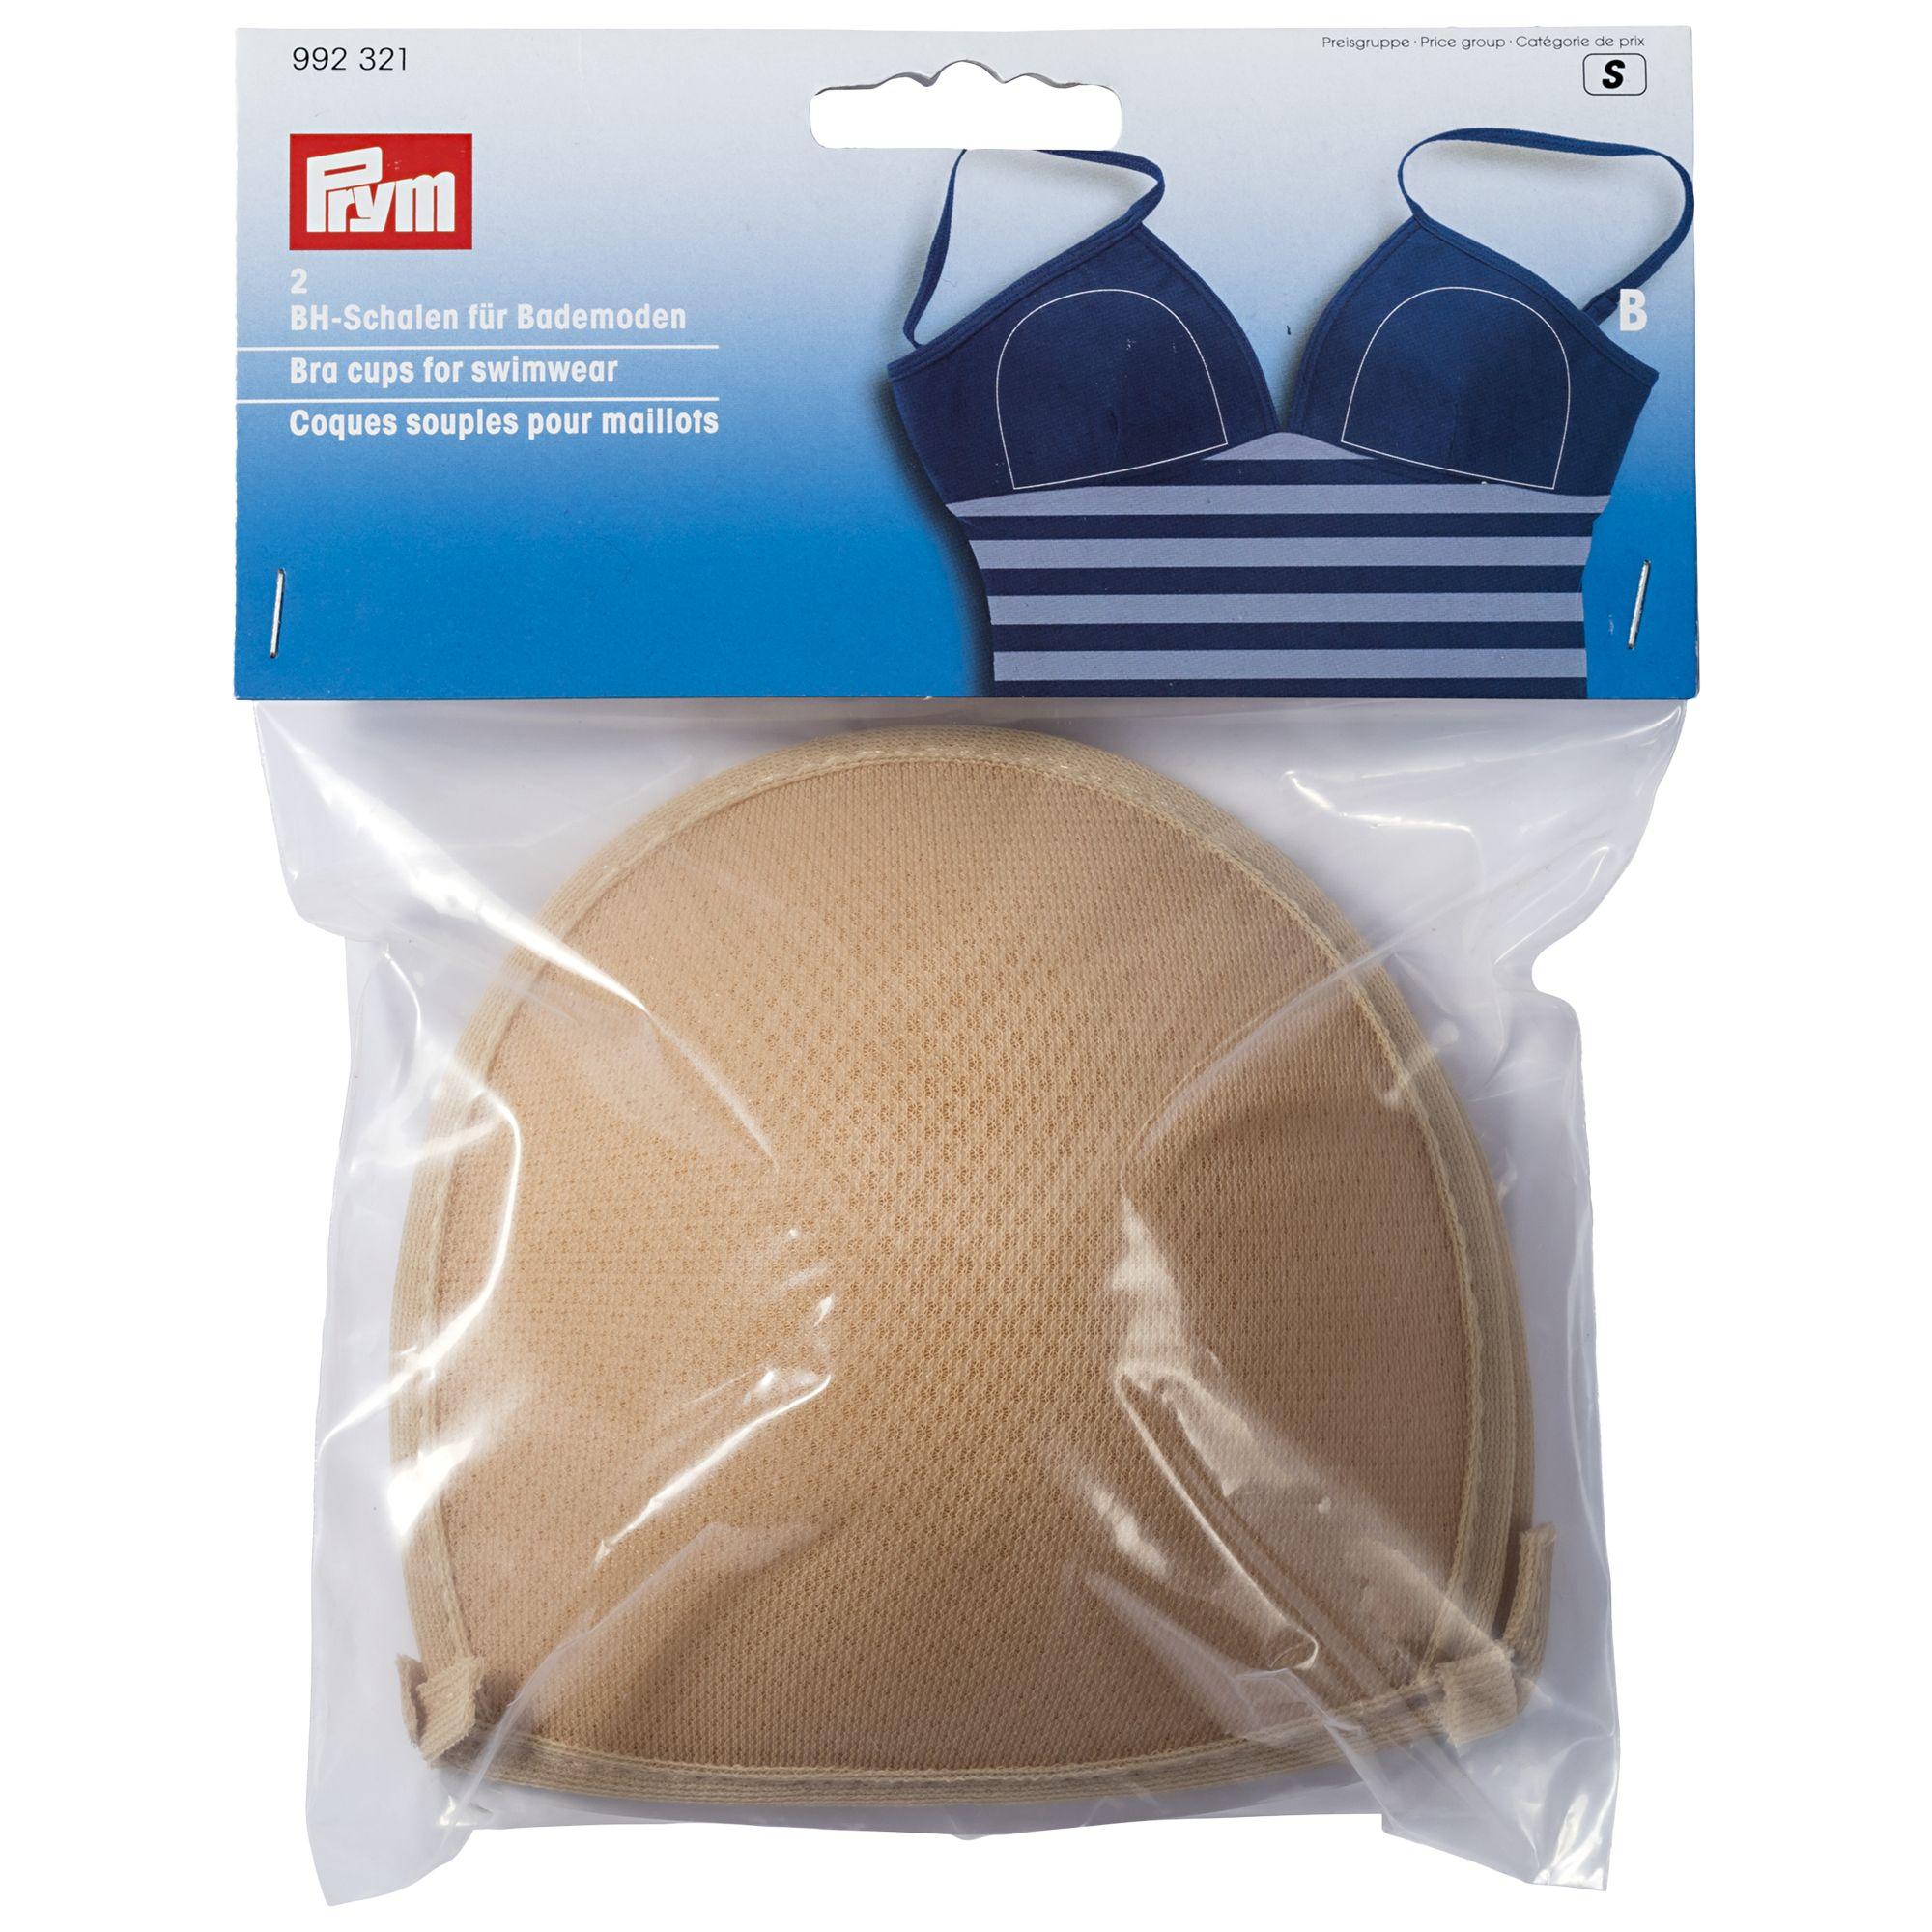 Prym Prym Bra Cups for Swimwear or Dresses